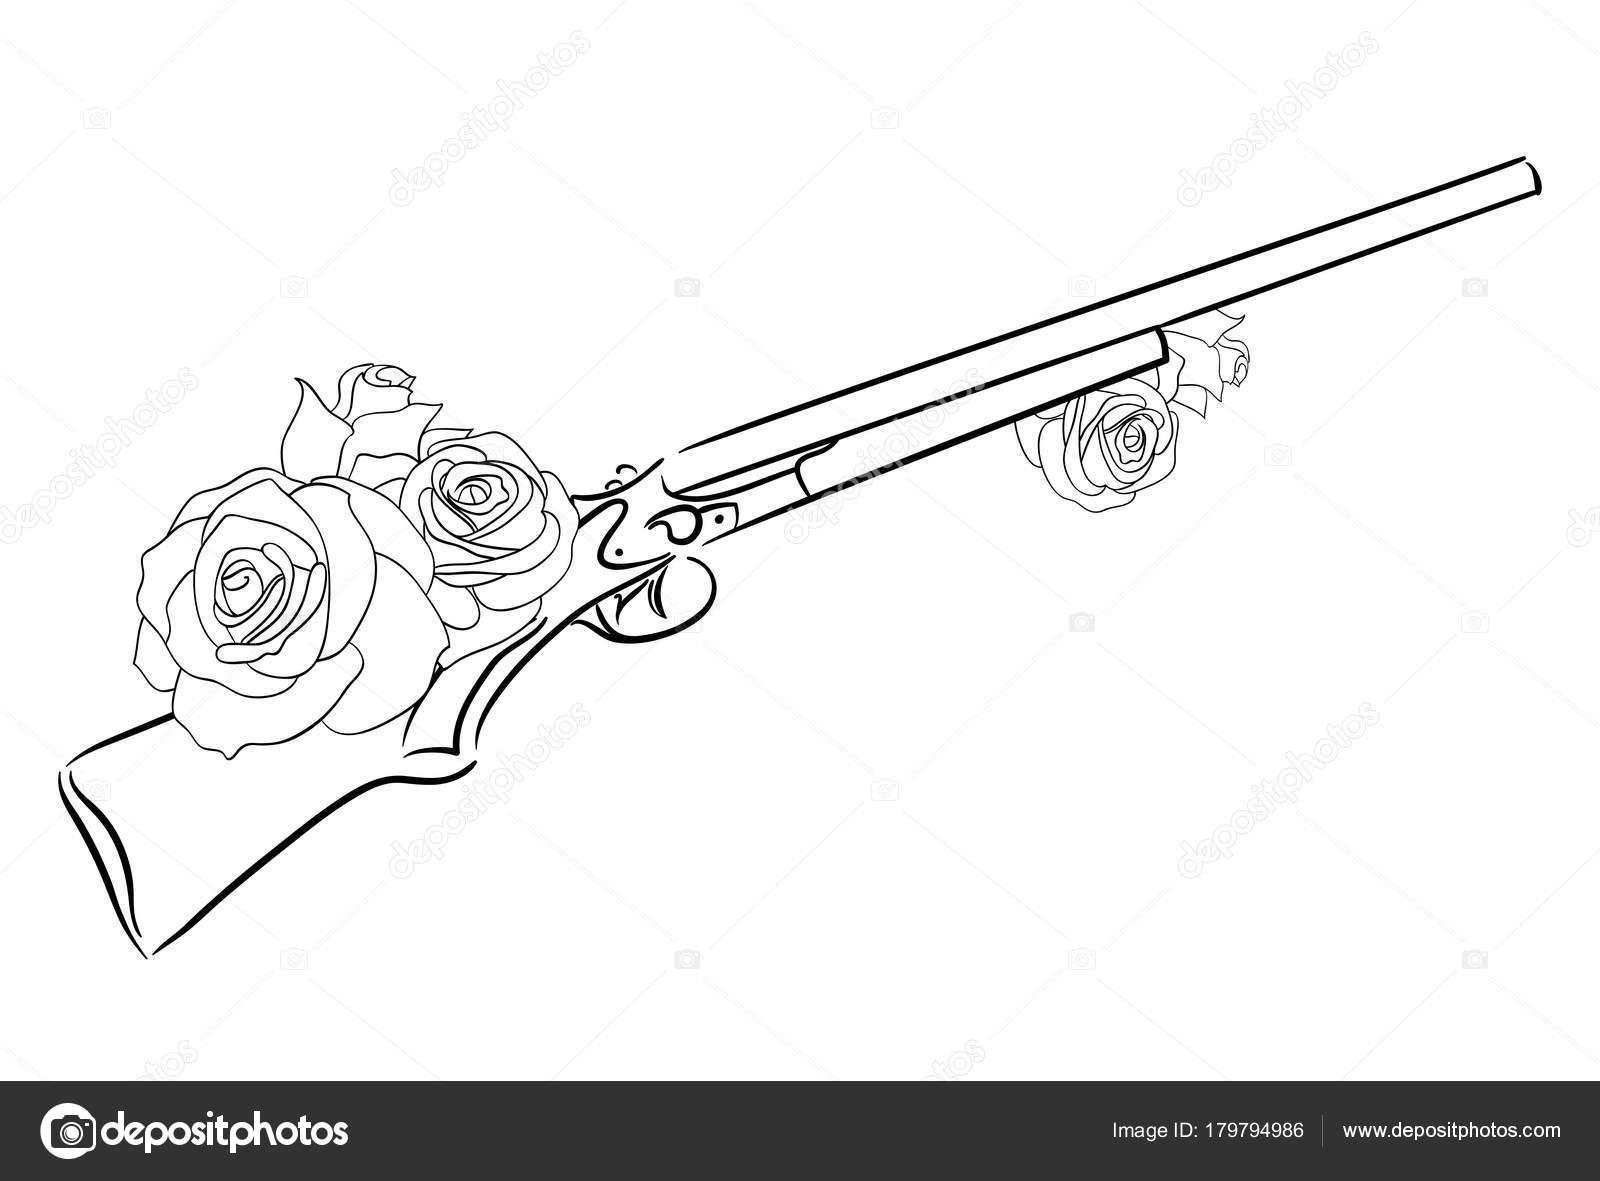 Dibujo Lineal Viejo Rifle Con Rosas Elemento Vector Para Diseño ...